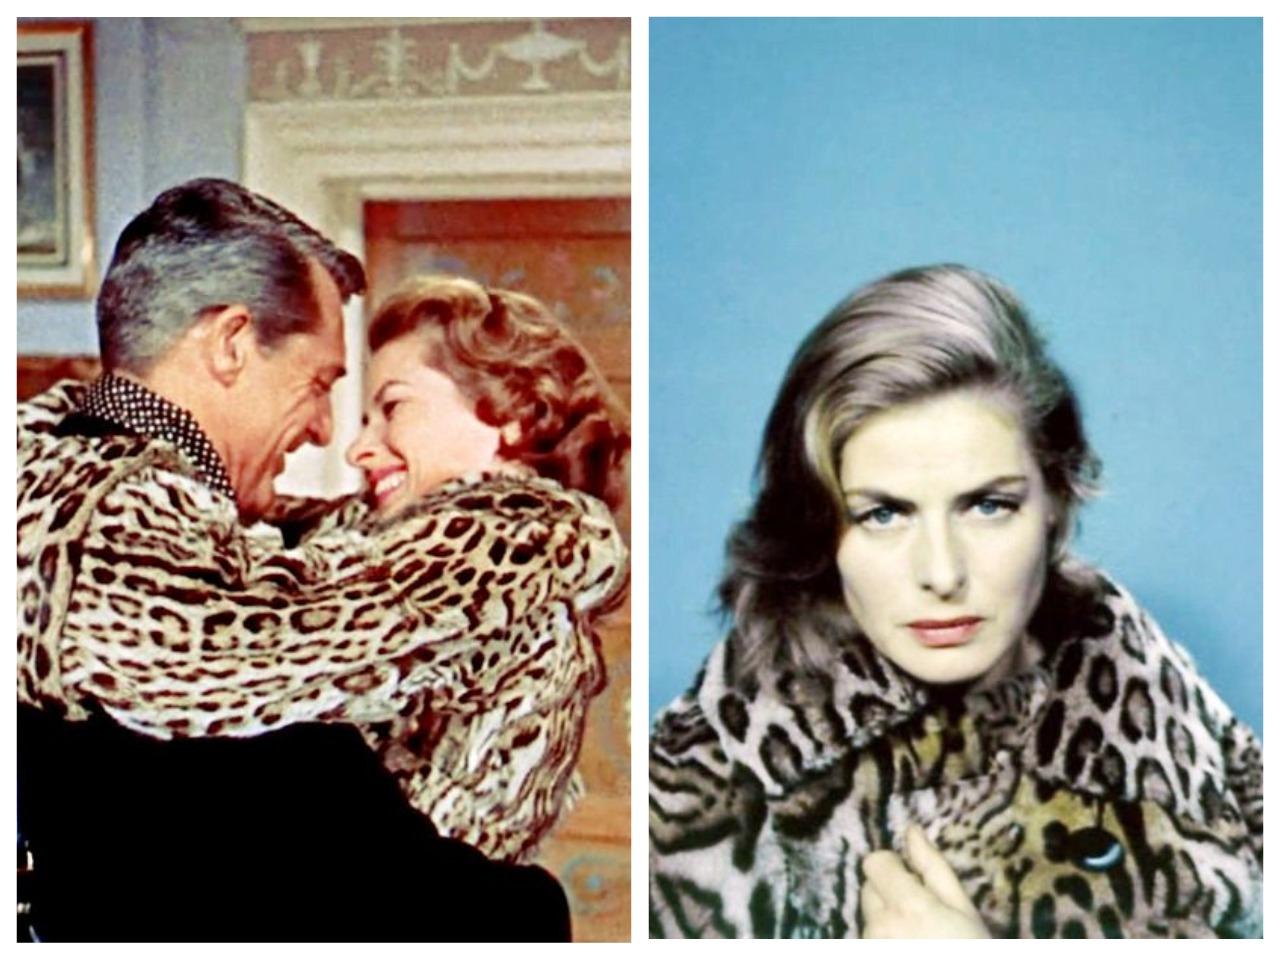 Ингрид Бергман в фильмах Милый Сэр (1958) и Визит (1964)